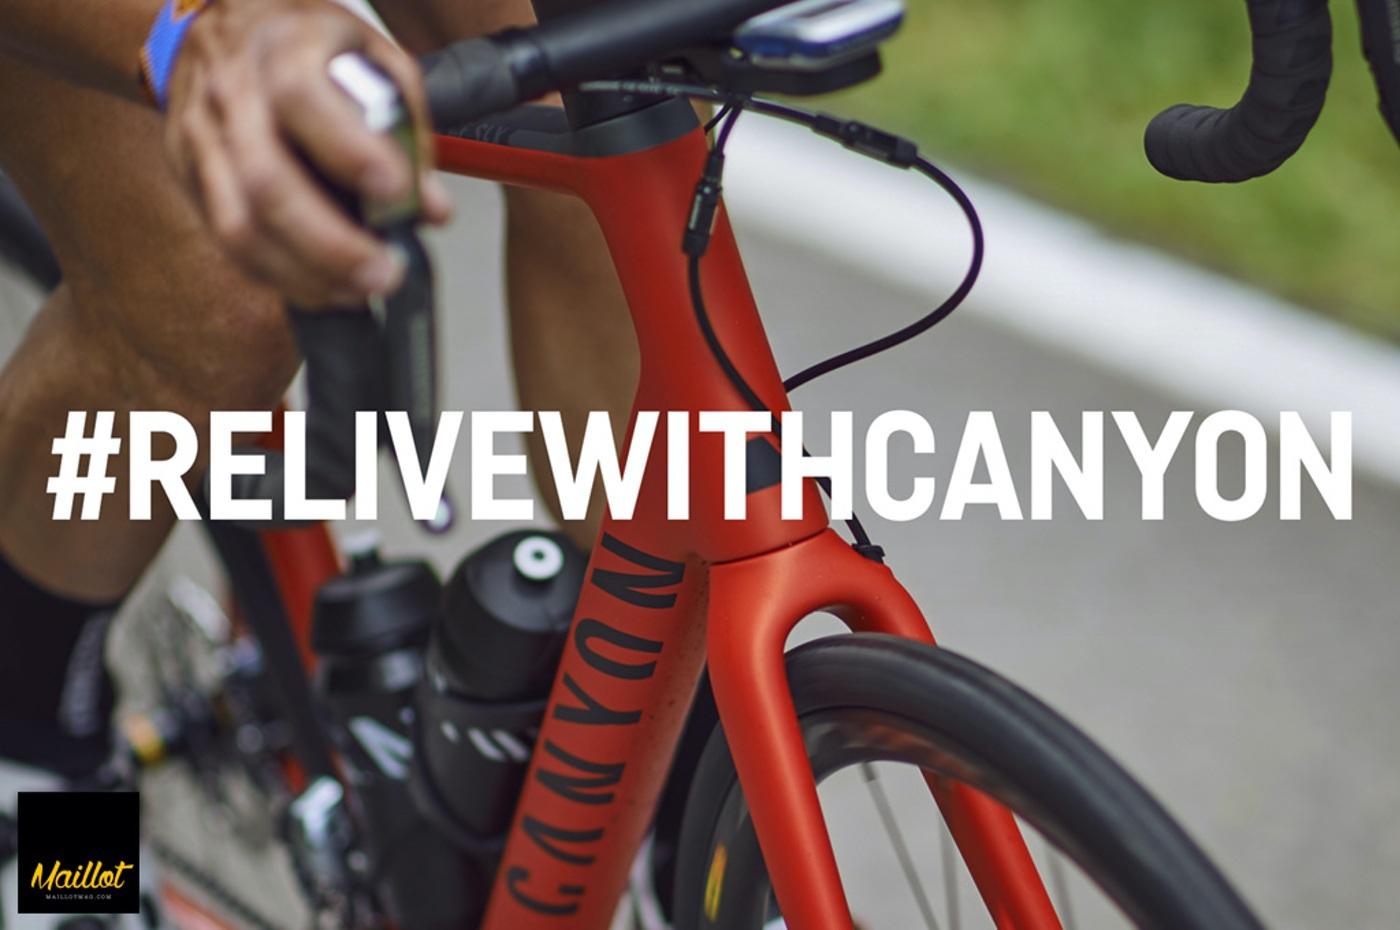 Gana una bici Canyon Endurace CF SLX #RelivewithCanyon